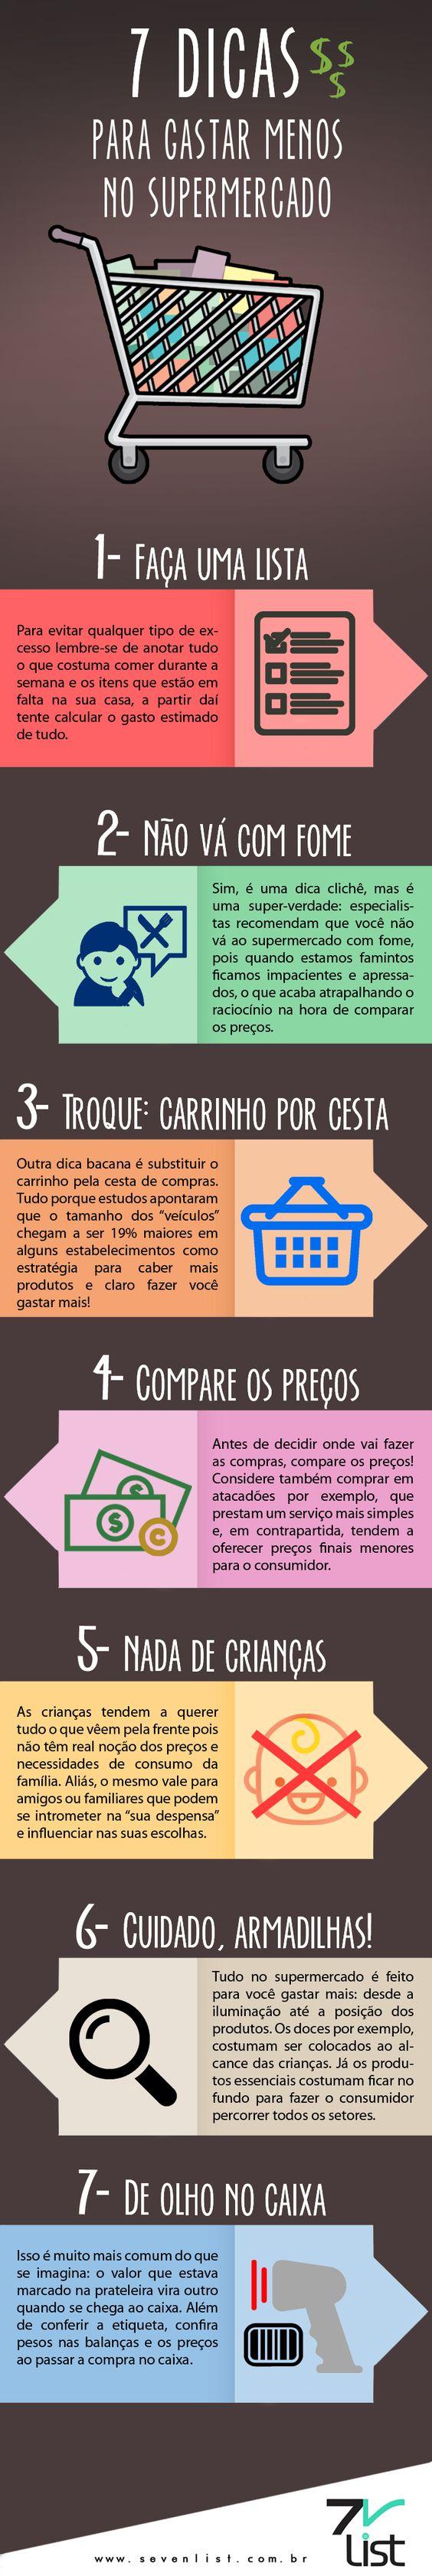 #infográfico #infographic #dicas #compras #supermercado #dinheiro #economia